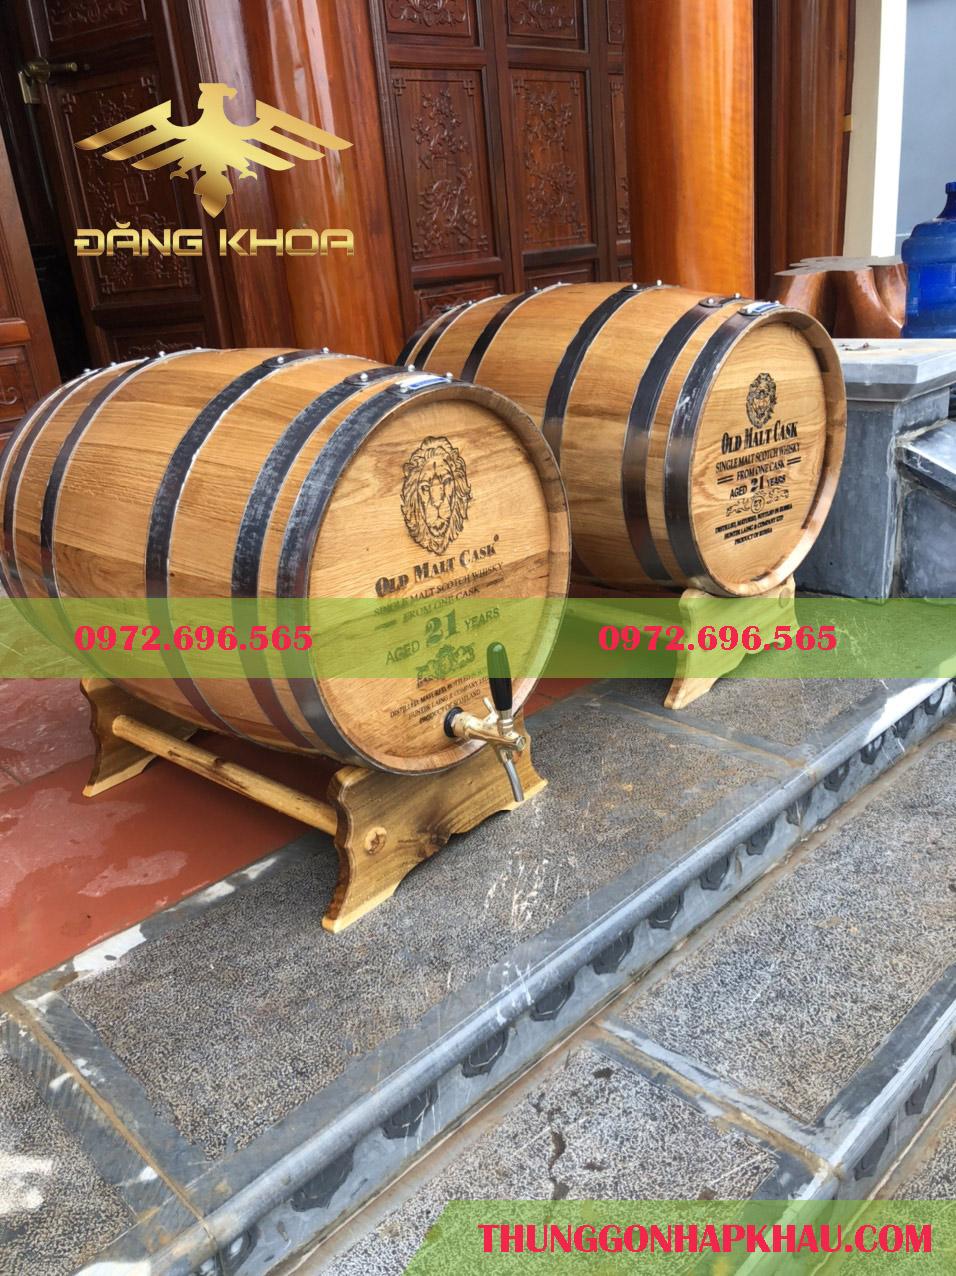 Ngâm ủ rượu vang ngon với thùng gỗ sồi cao cấp